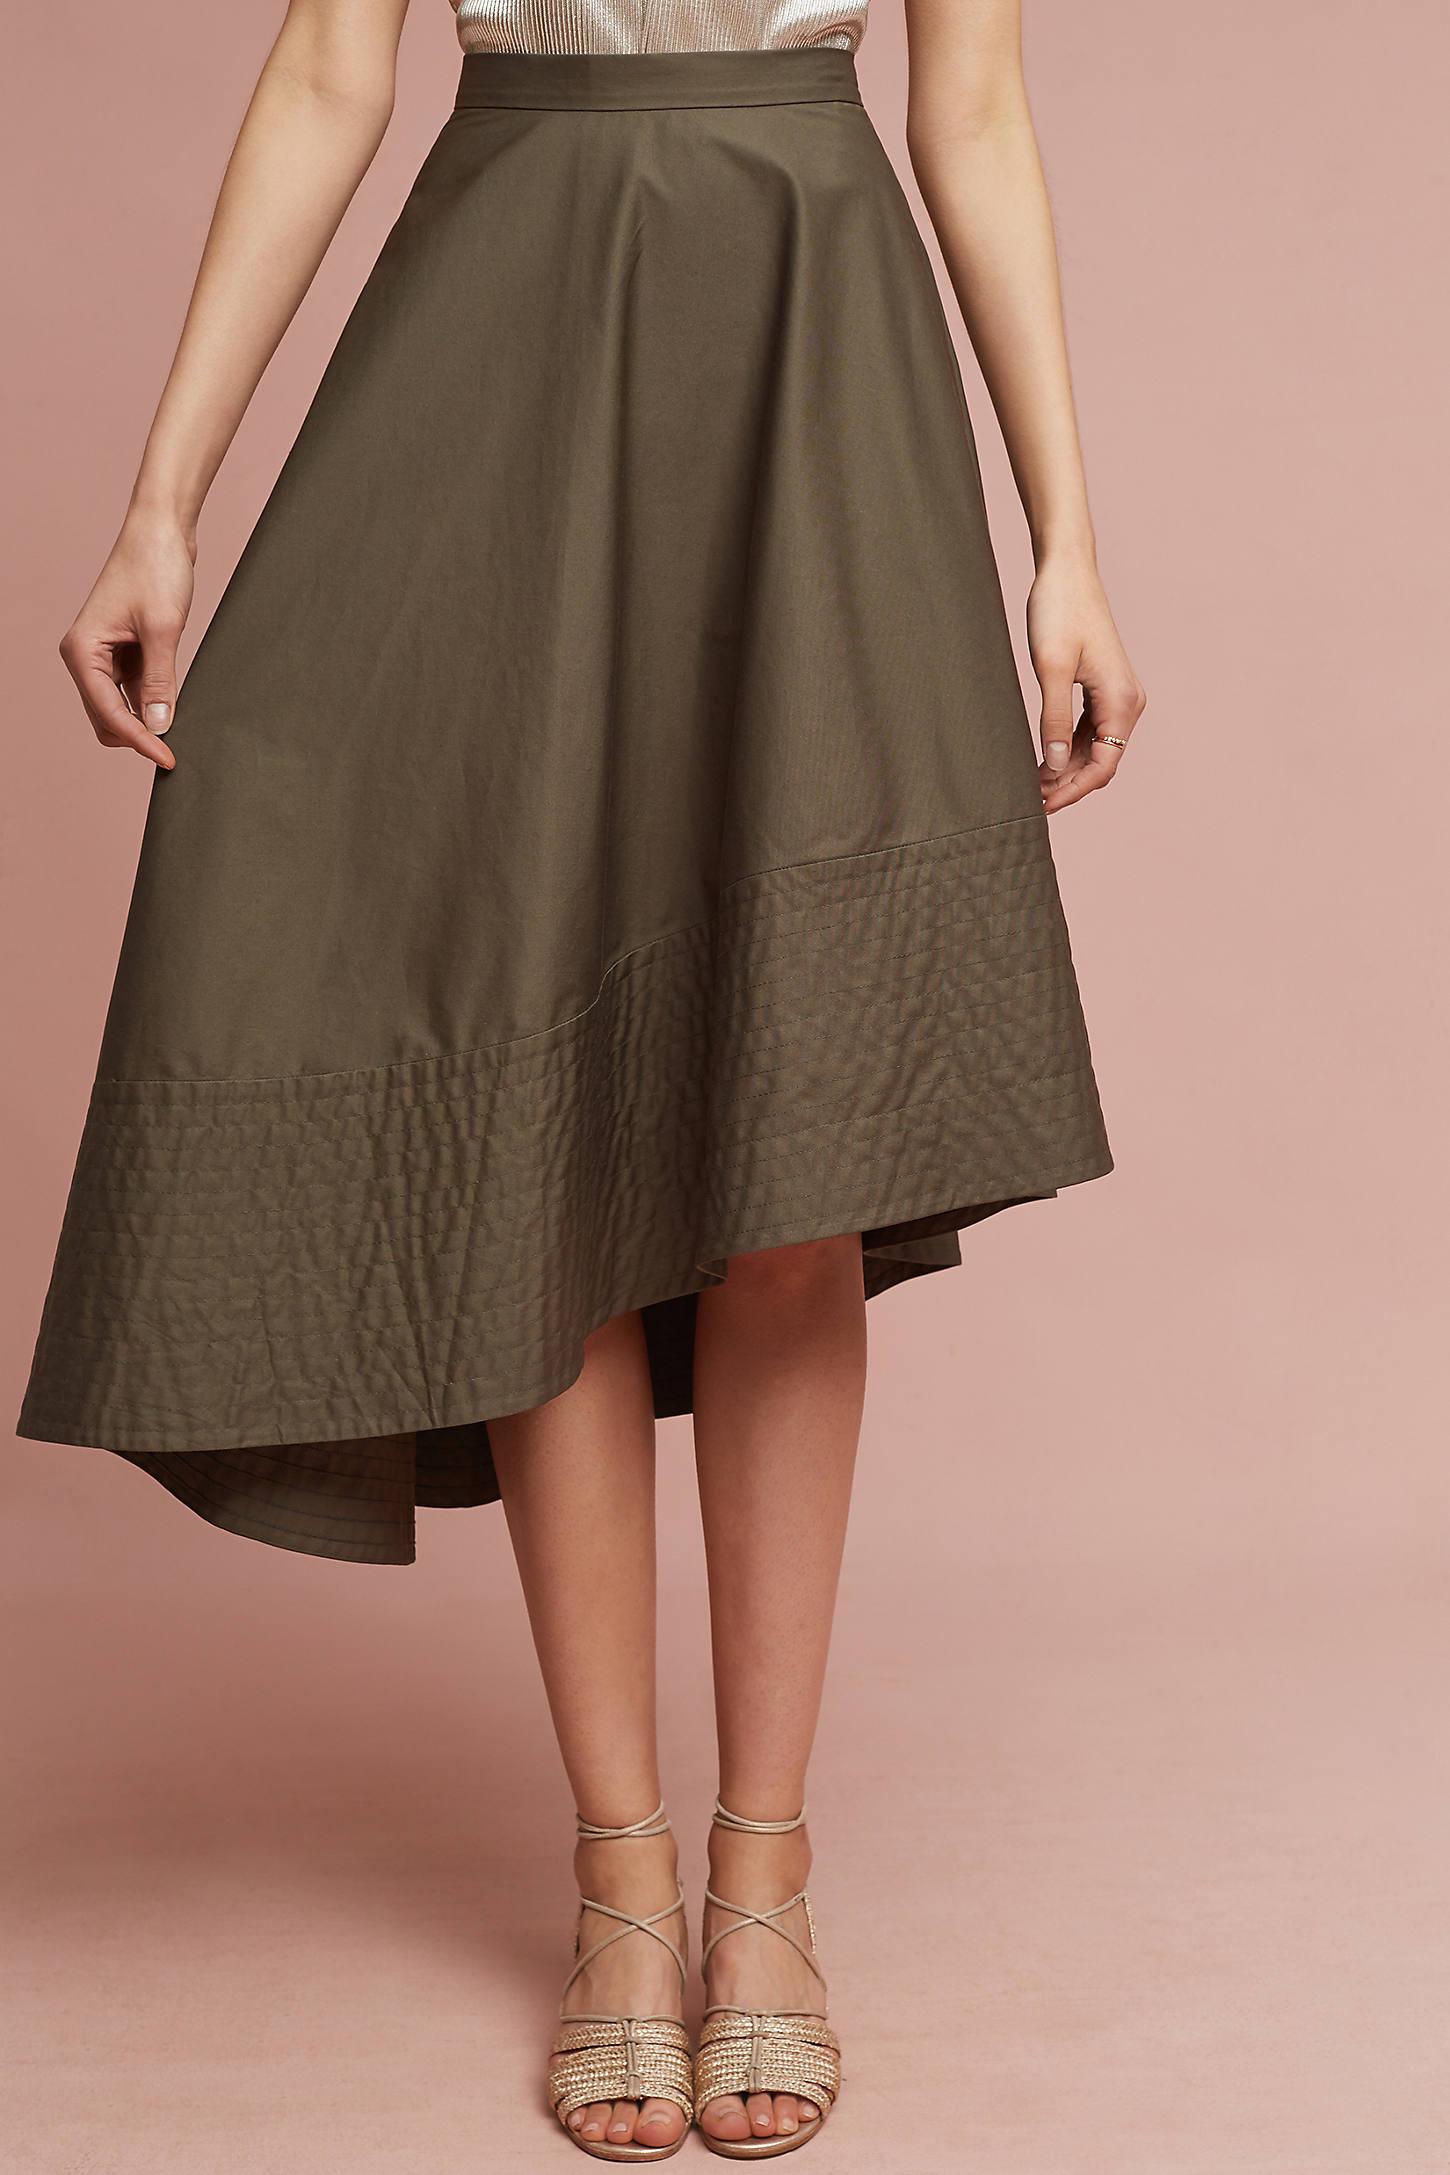 Mattea Skirt